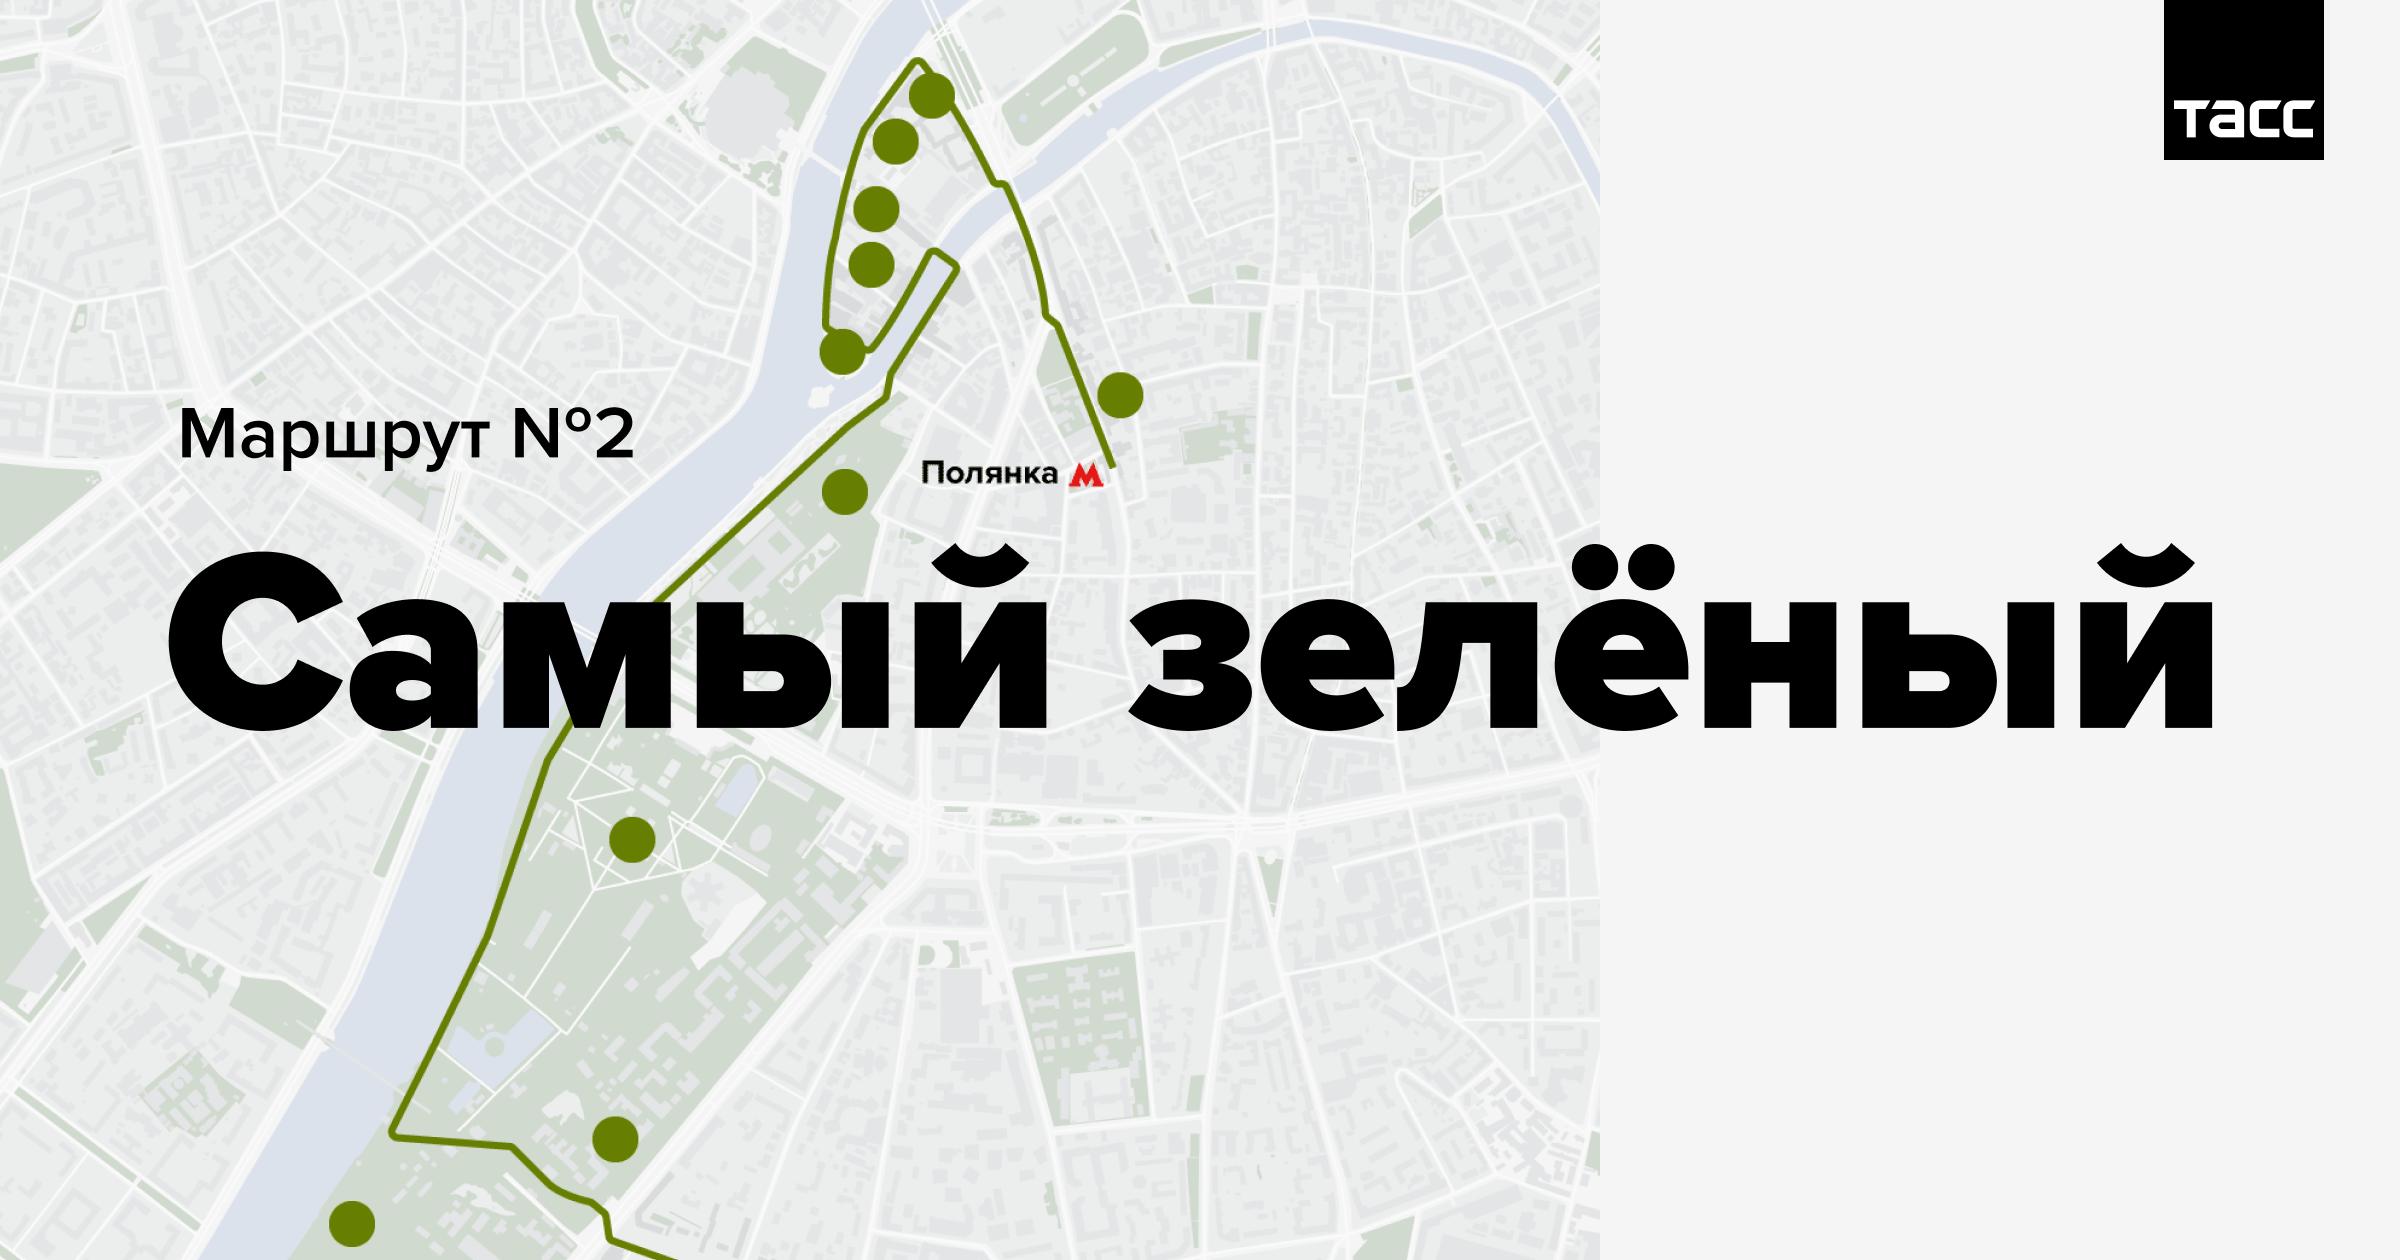 Документы для кредита в москве Стрелецкий 2-й проезд как получить справку о несудимости в мфц в москве